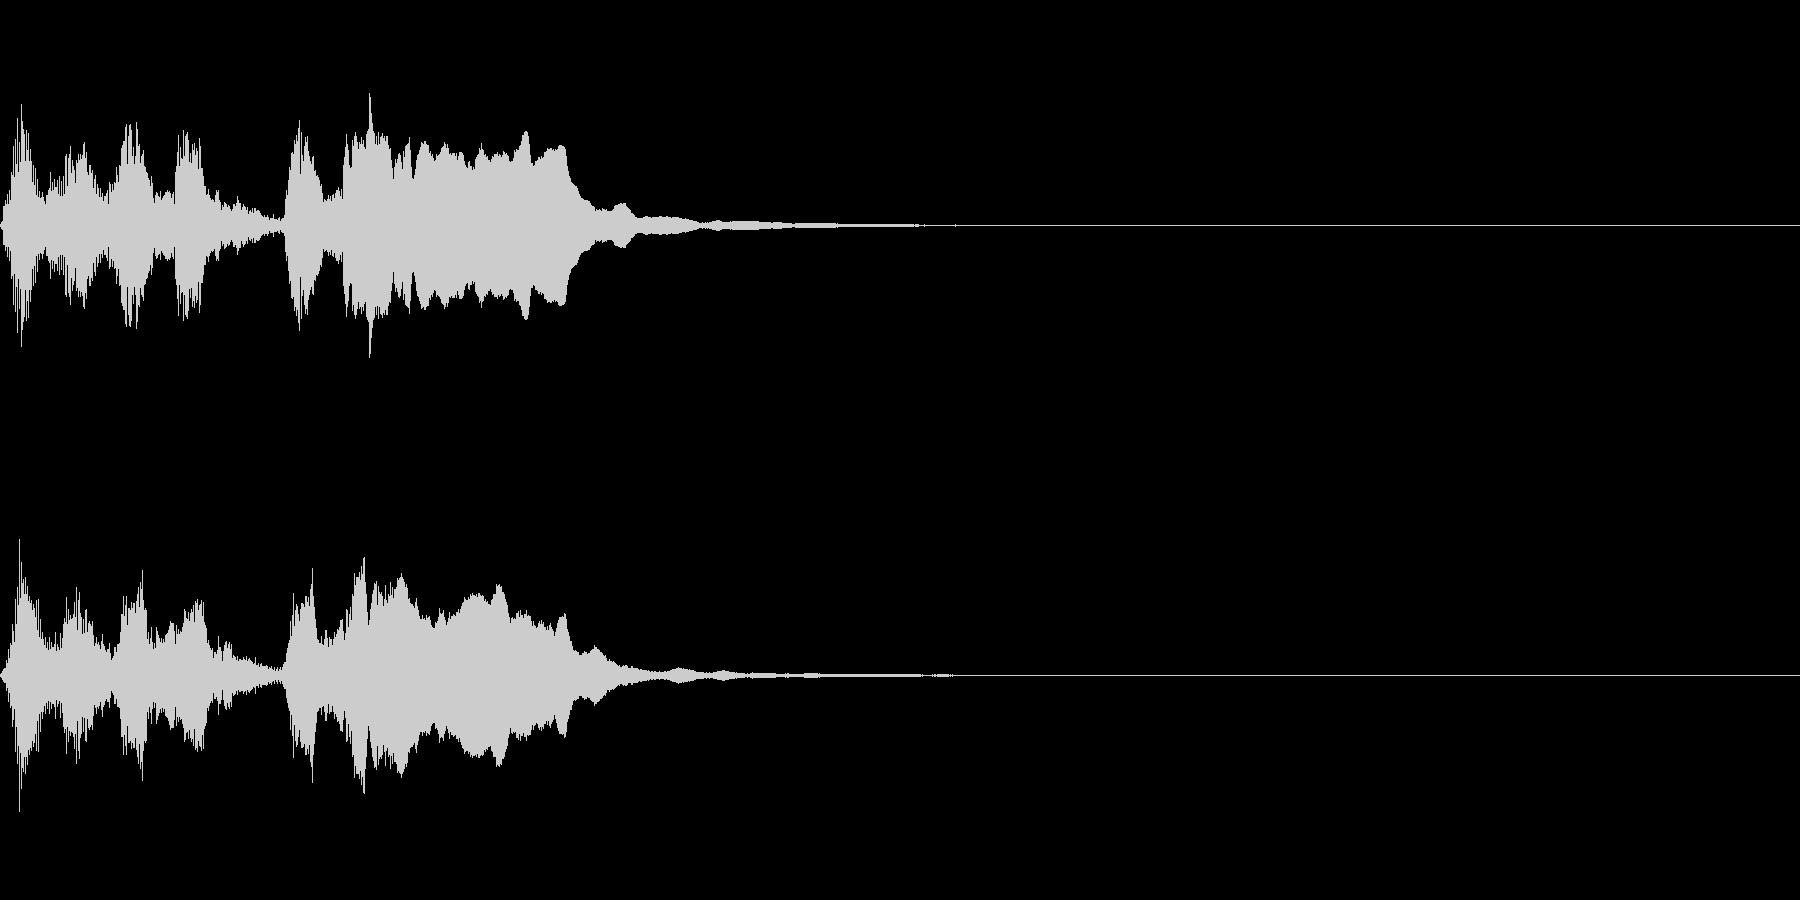 ライトでポップなファンファーレ(遅め)の未再生の波形